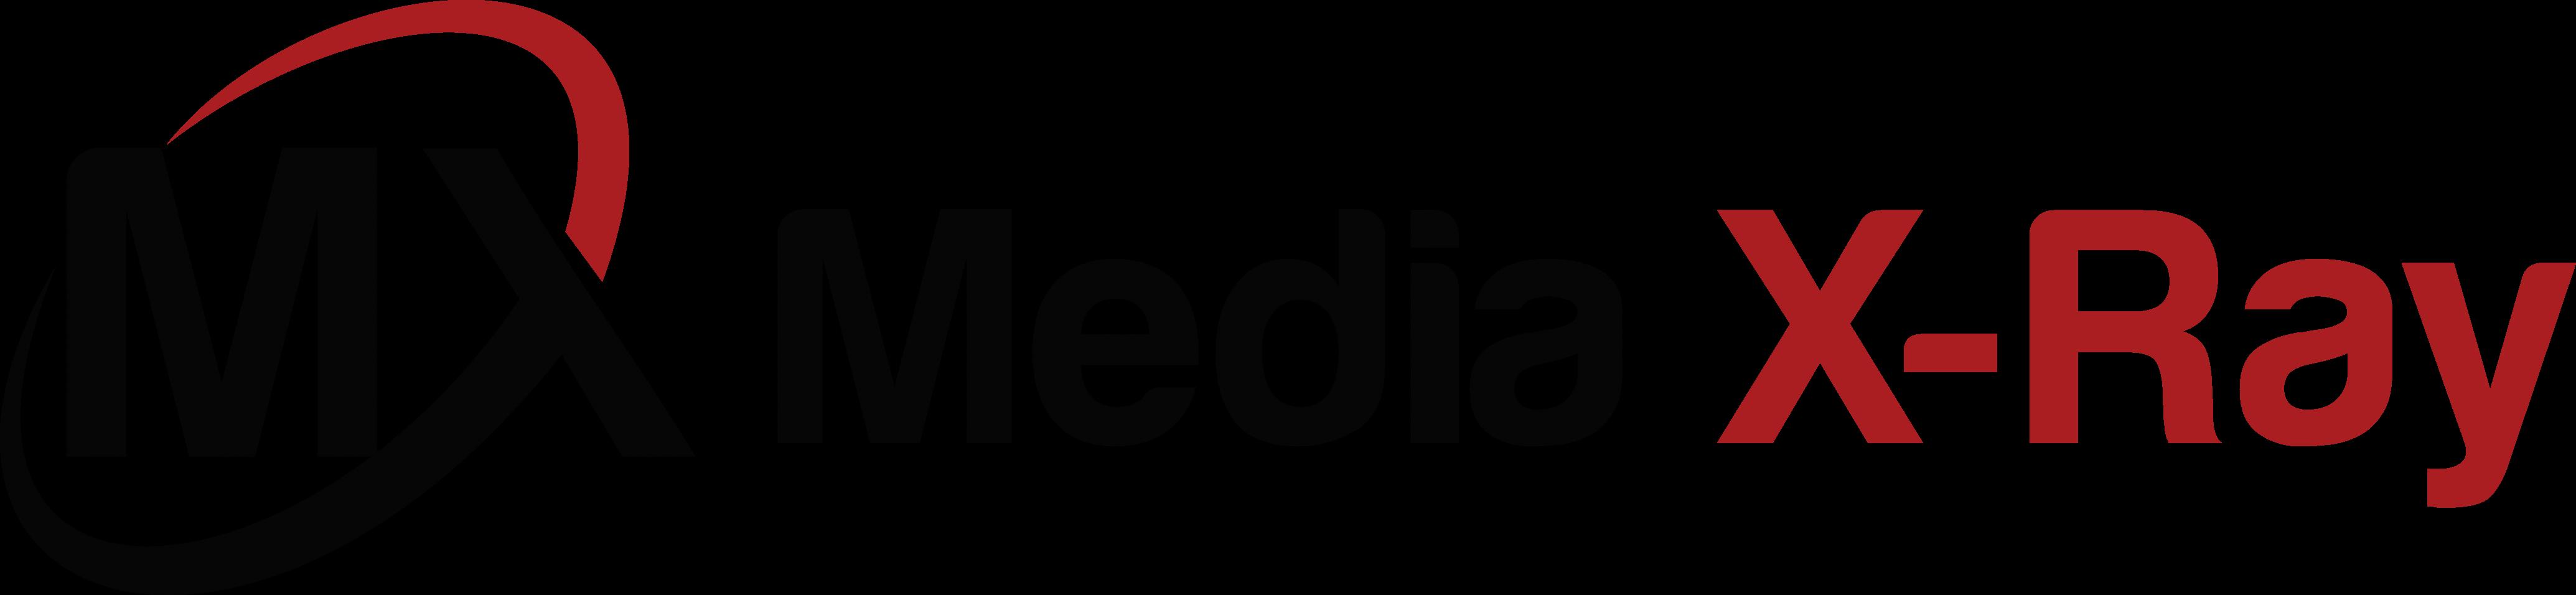 media-xray-logo